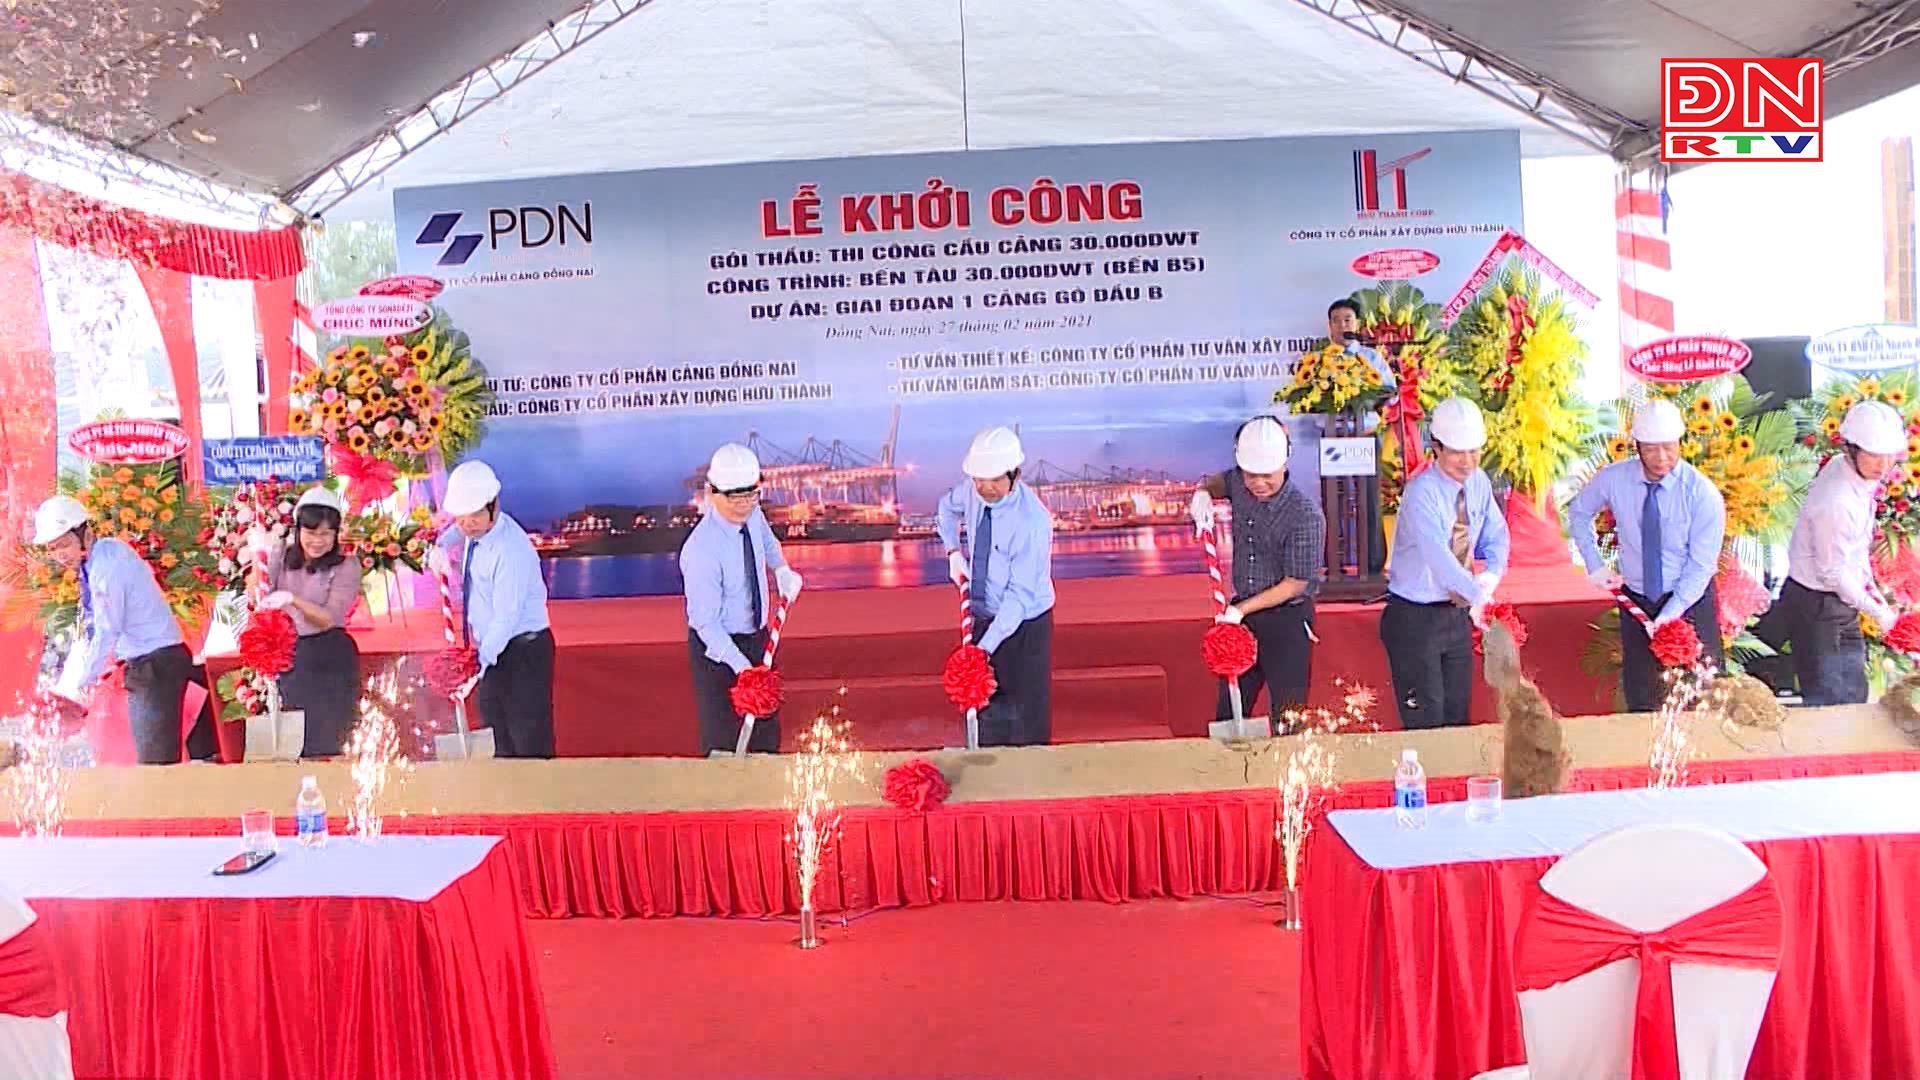 Khởi công xây dựng bến tàu 30.000DWT thứ hai tại Cảng Gò Dầu